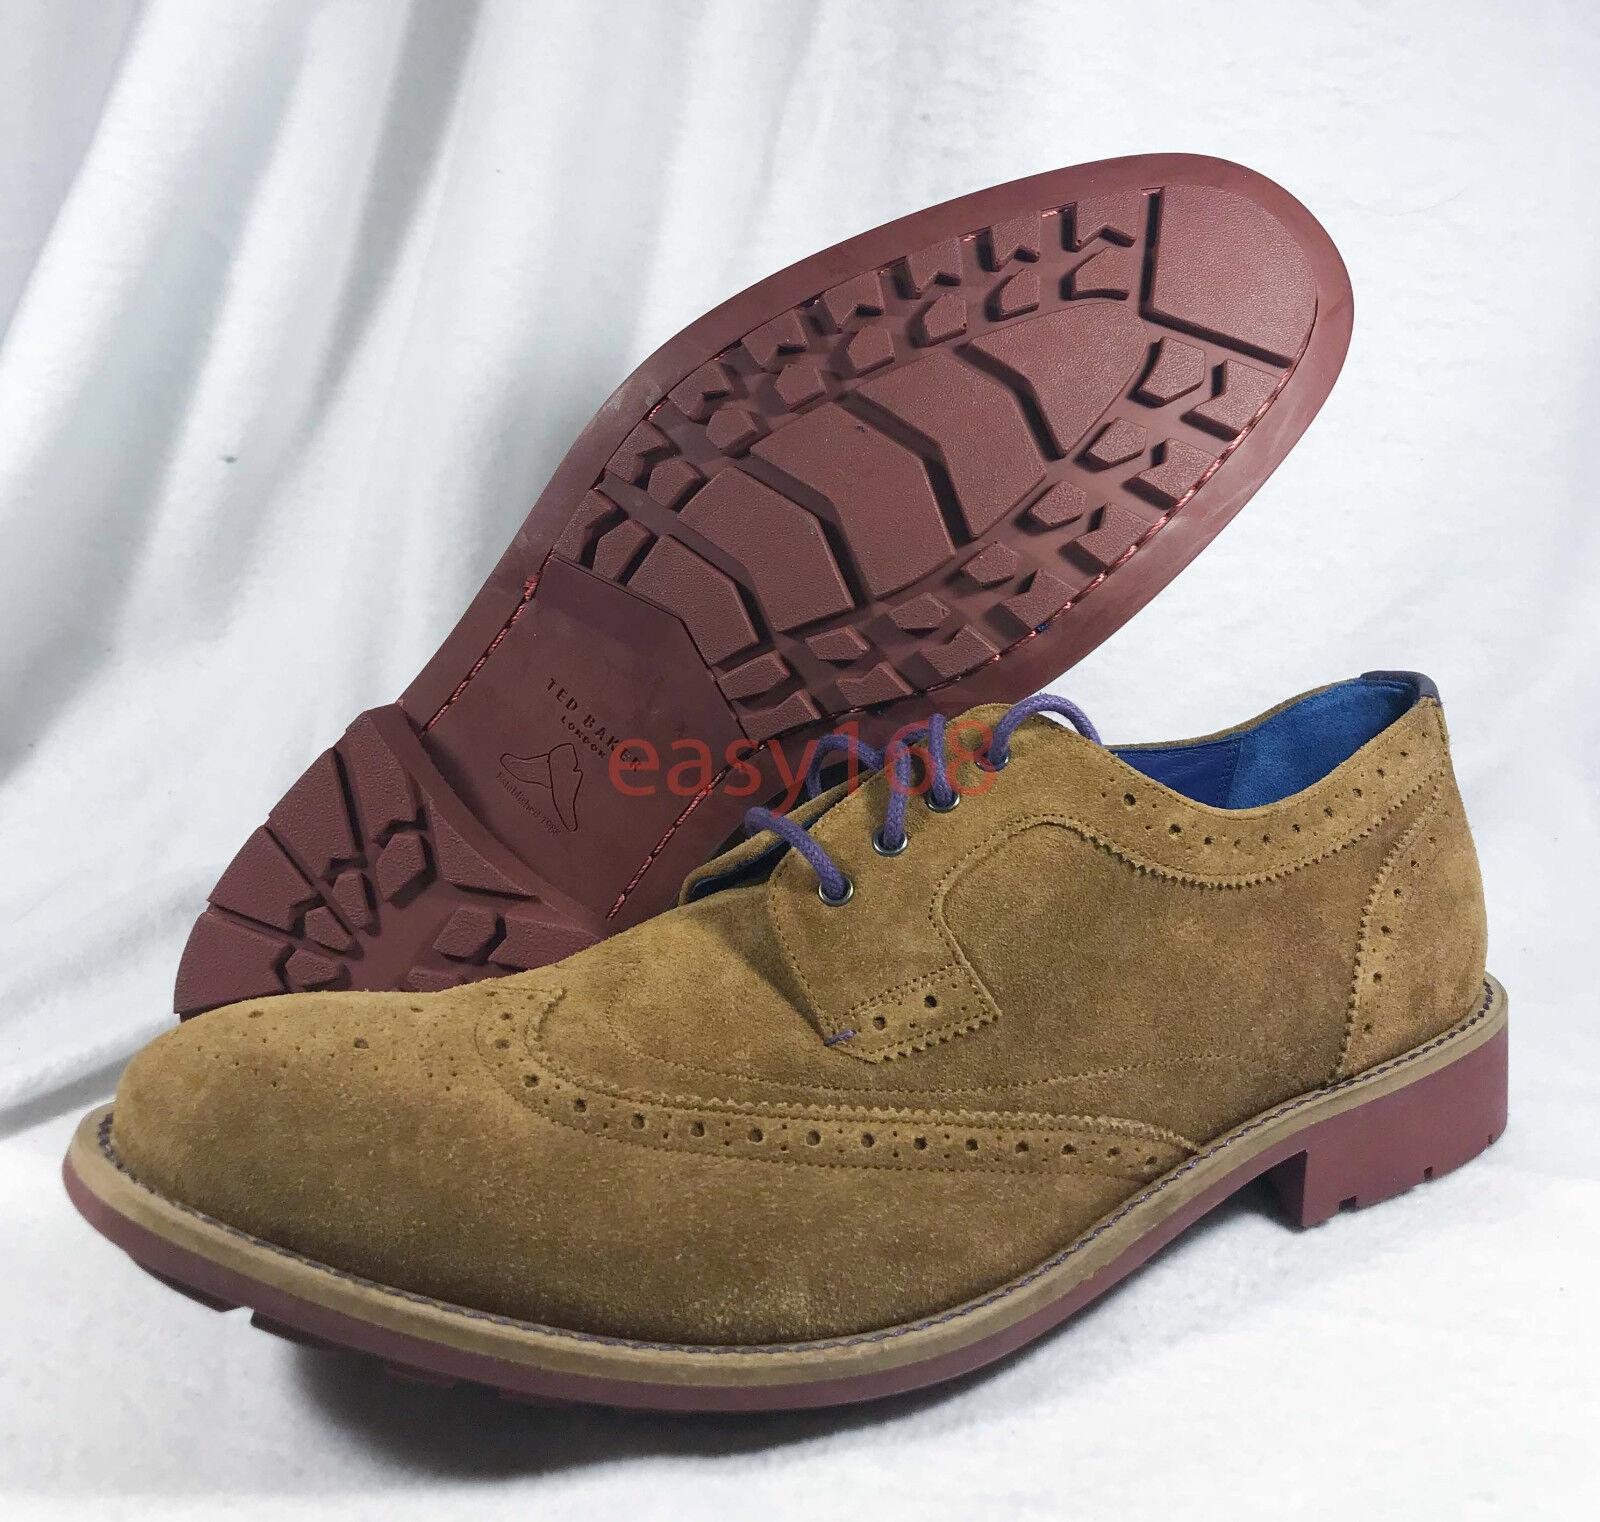 Nouveau Ted Baker Hontaar Sz 10.5 Marron Bout D'Aile Oxford Chaussures 46 cuir daim